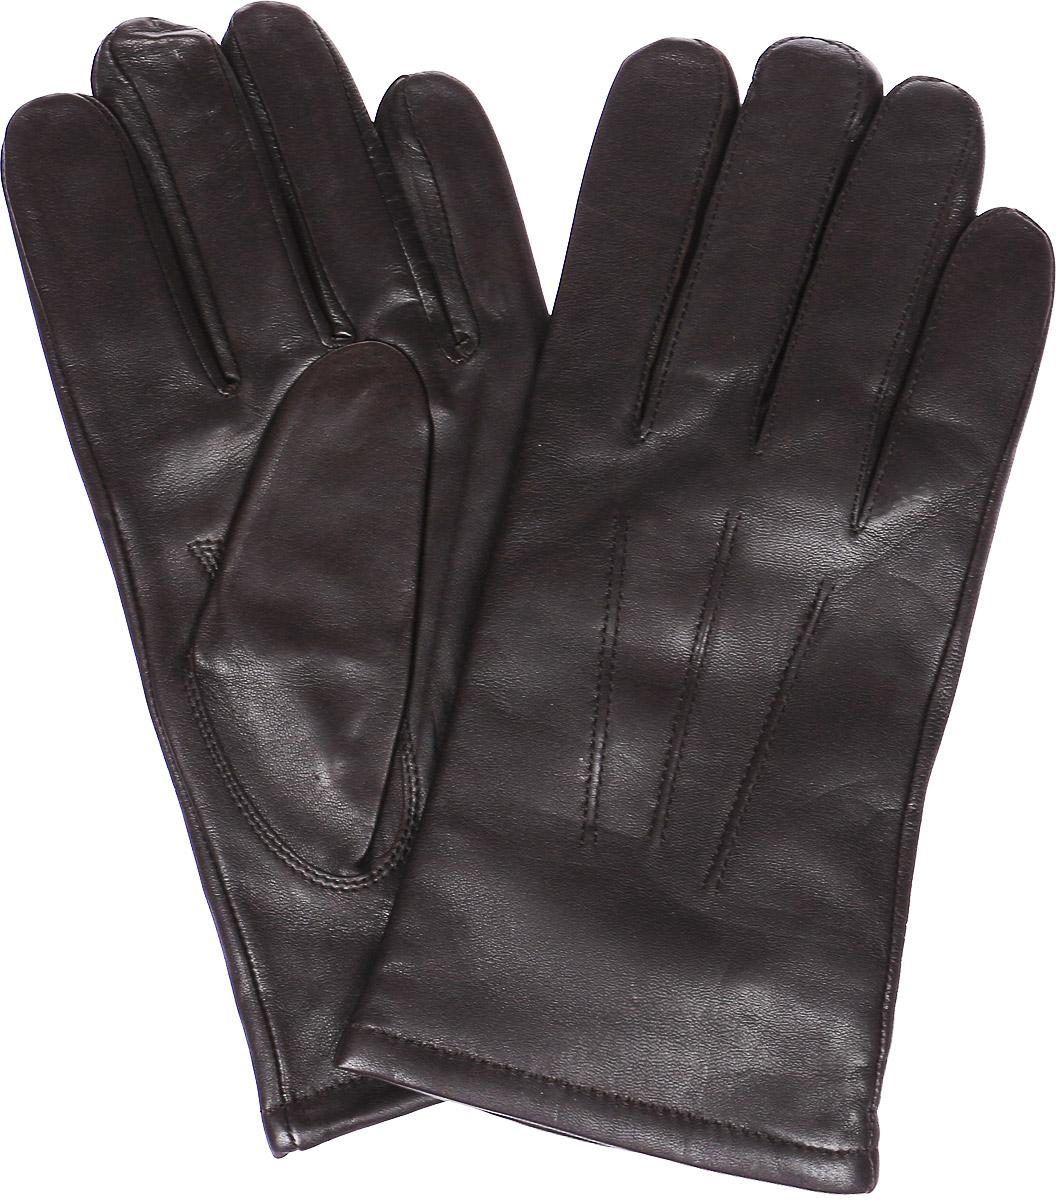 ПерчаткиLB-6008Стильные мужские перчатки Labbra выполнены из натуральной кожи. Внутренняя поверхность модели изготовлена из шерсти и акрила, которые обеспечат тепло и комфорт. Оформлены перчатки на лицевой стороне декоративными швами три луча. На ладонной стороне дополнены резинкой.